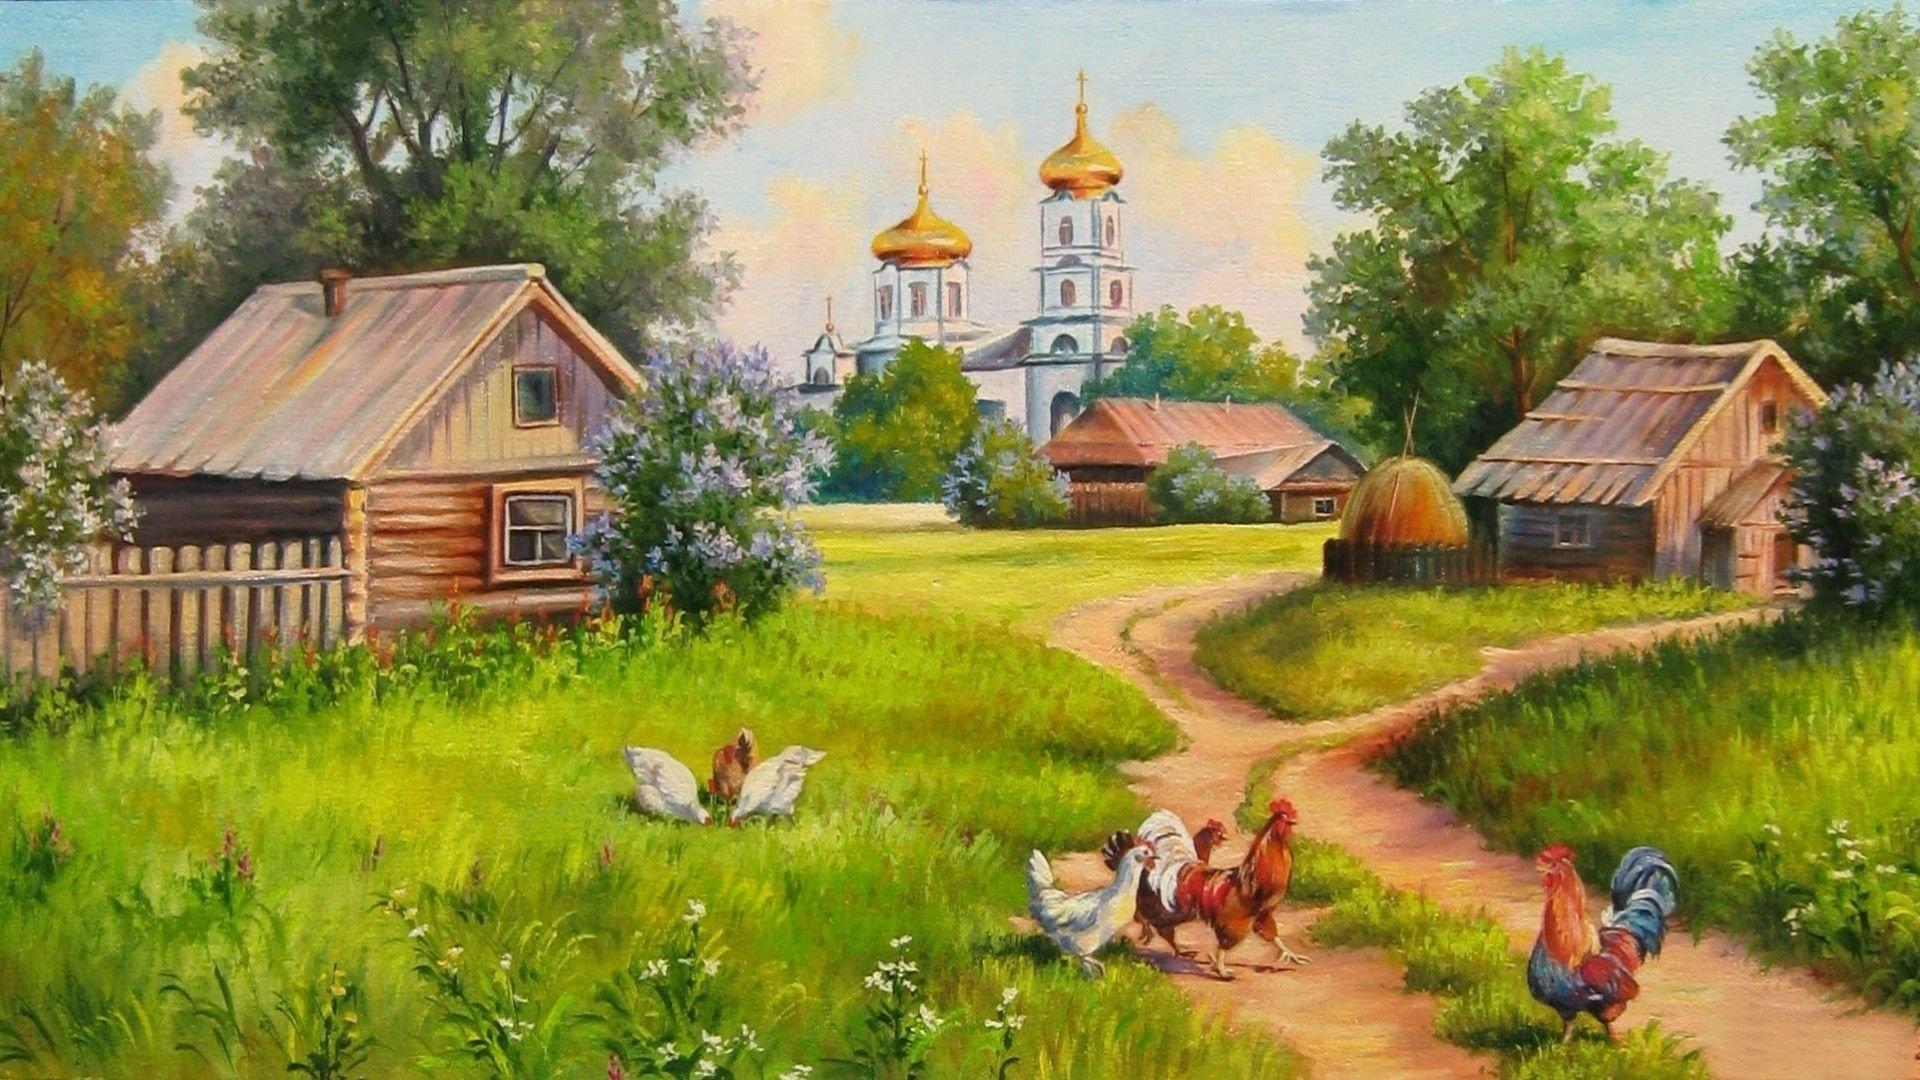 Village House Art wallpaper for pc